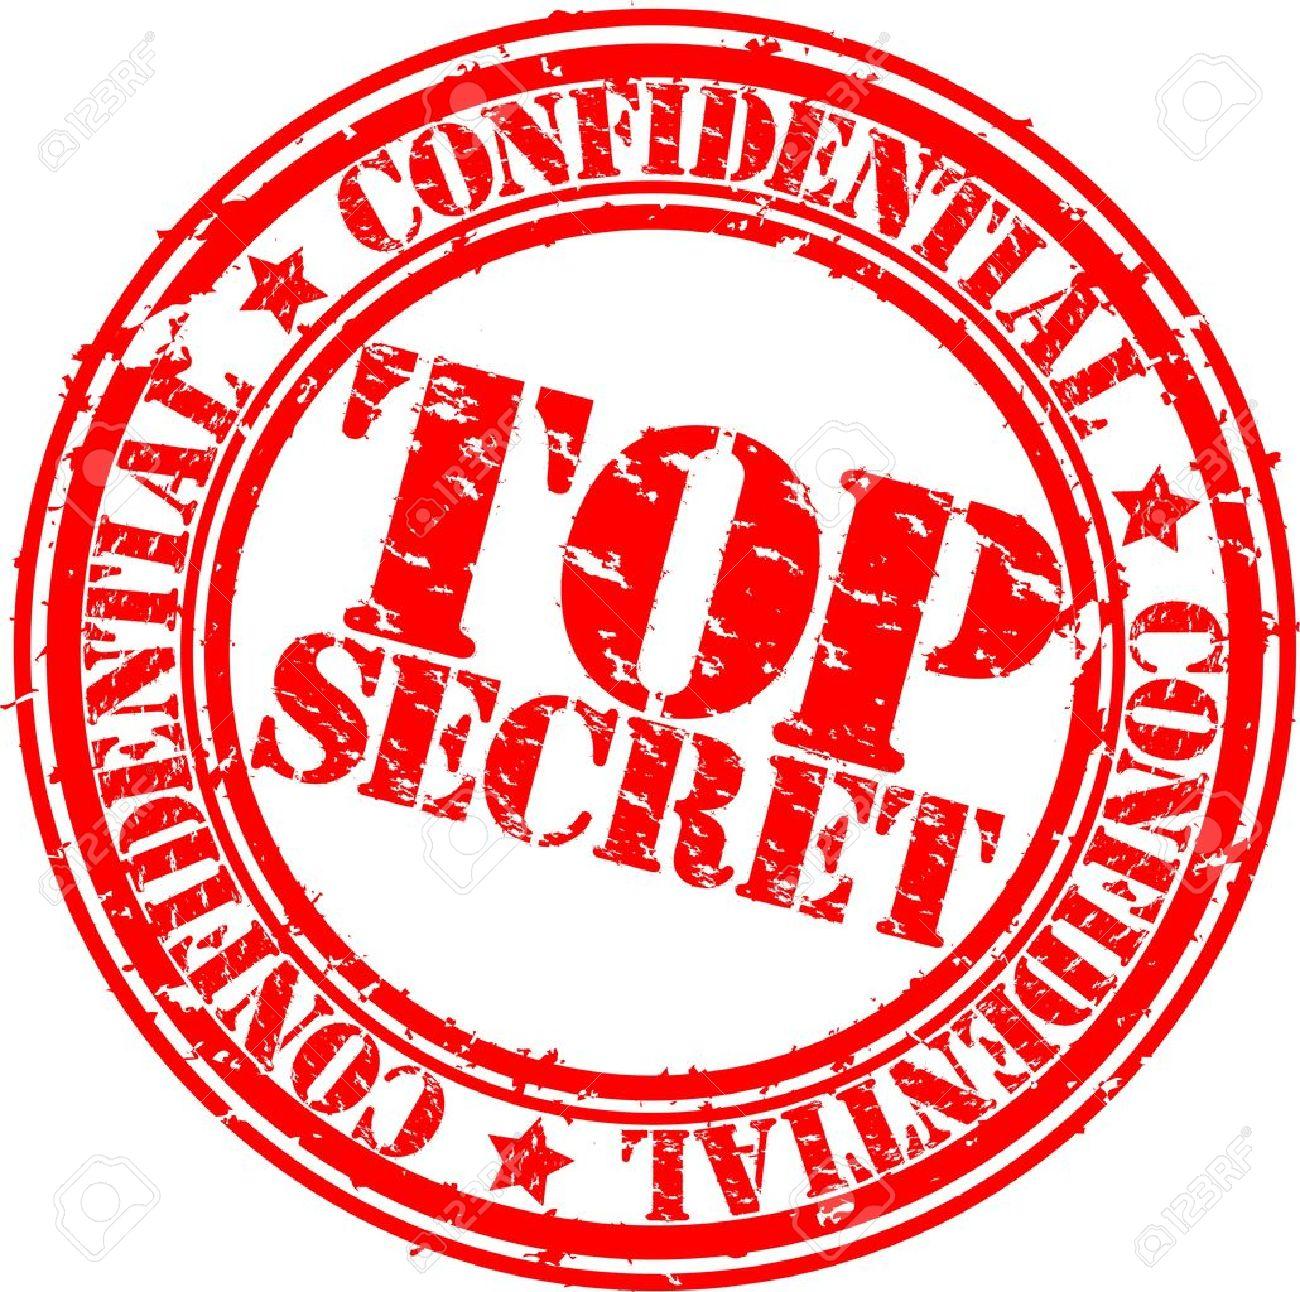 Grunge top secret rubber stamp, vector illustration - 12485251